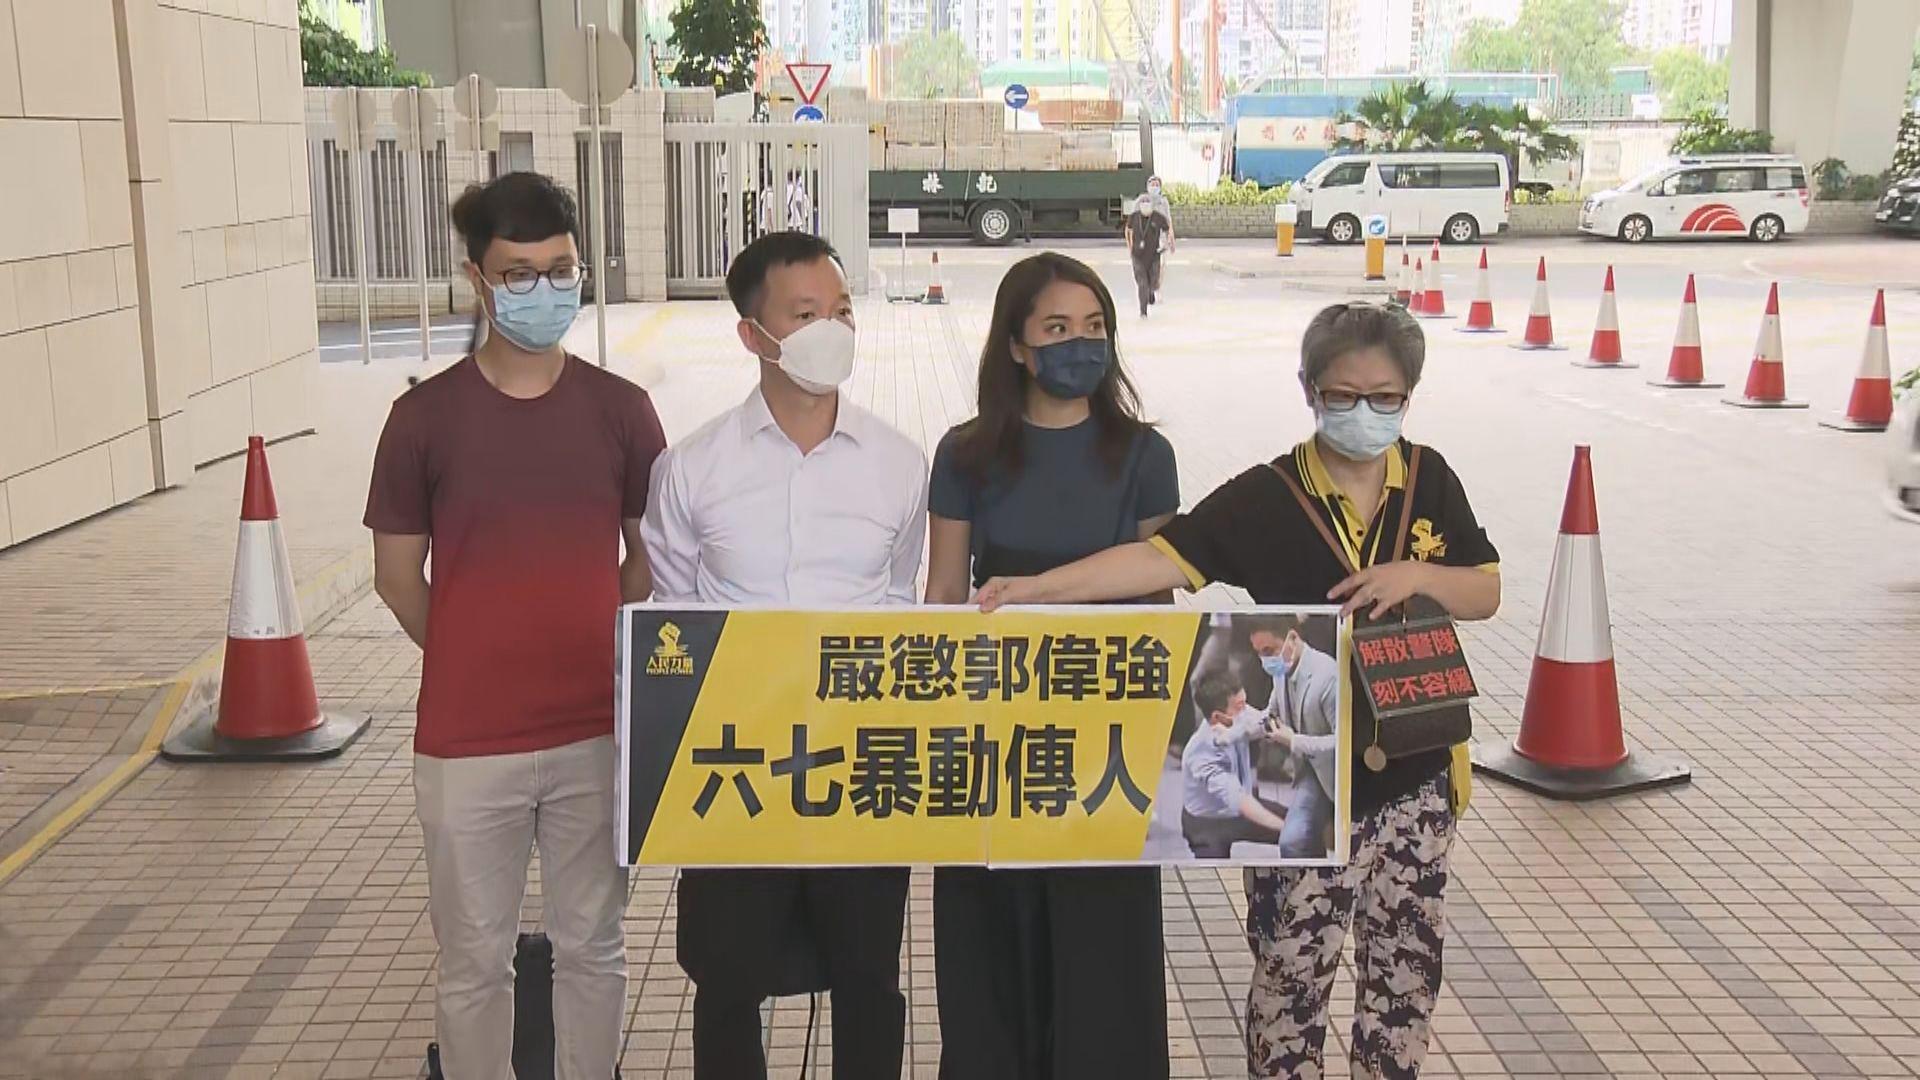 陳志全向郭偉强提私人檢控 案件押後至九月